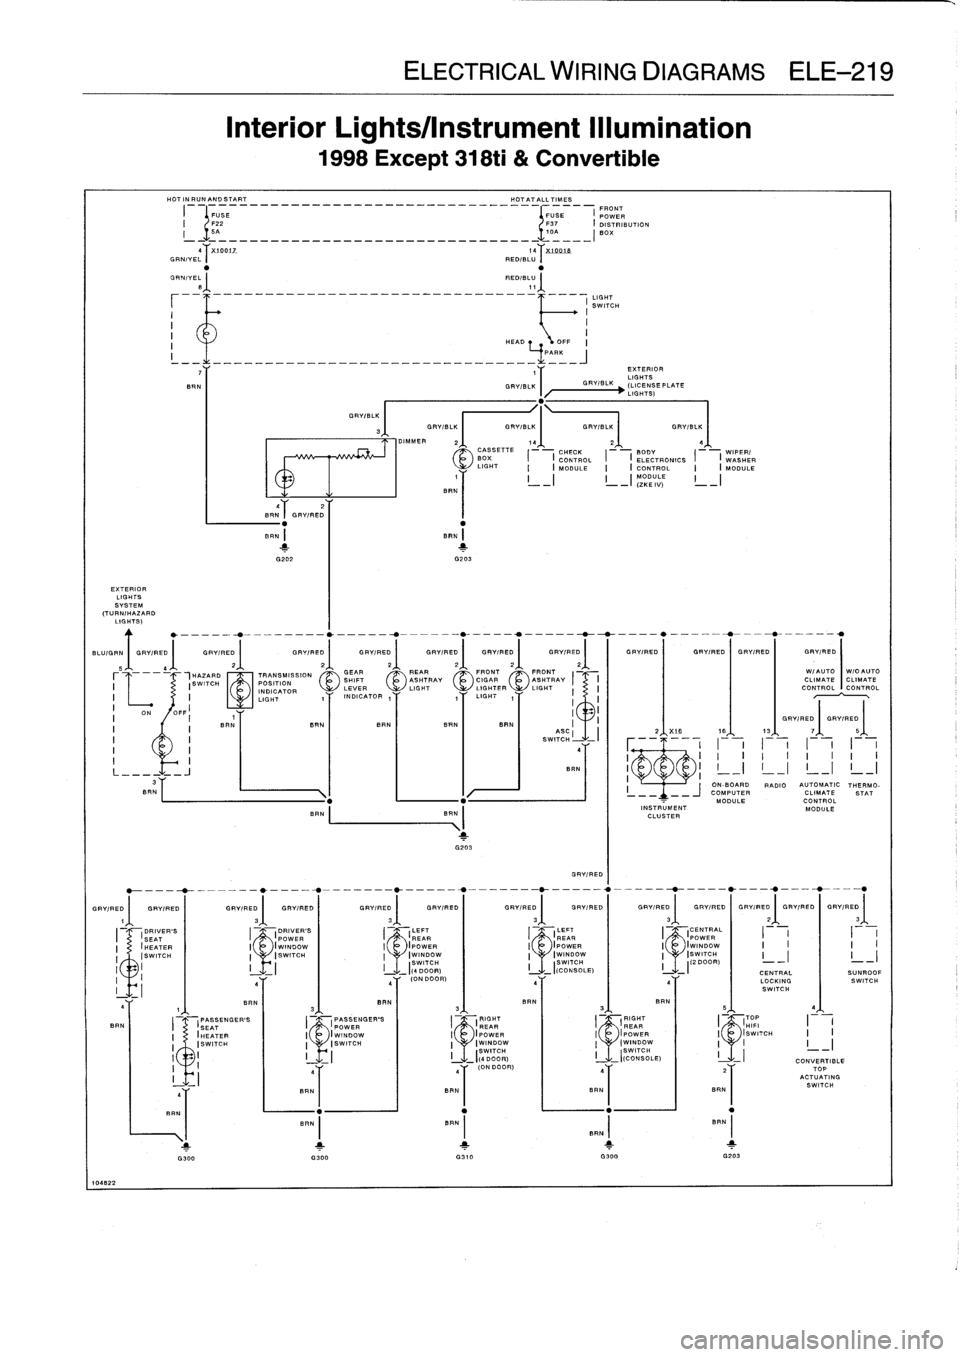 medium resolution of bmw e36 instrument panel wiring diagram jeffdoedesign com bmw e36 instrument cluster wiring diagram bmw e36 instrument cluster pinout